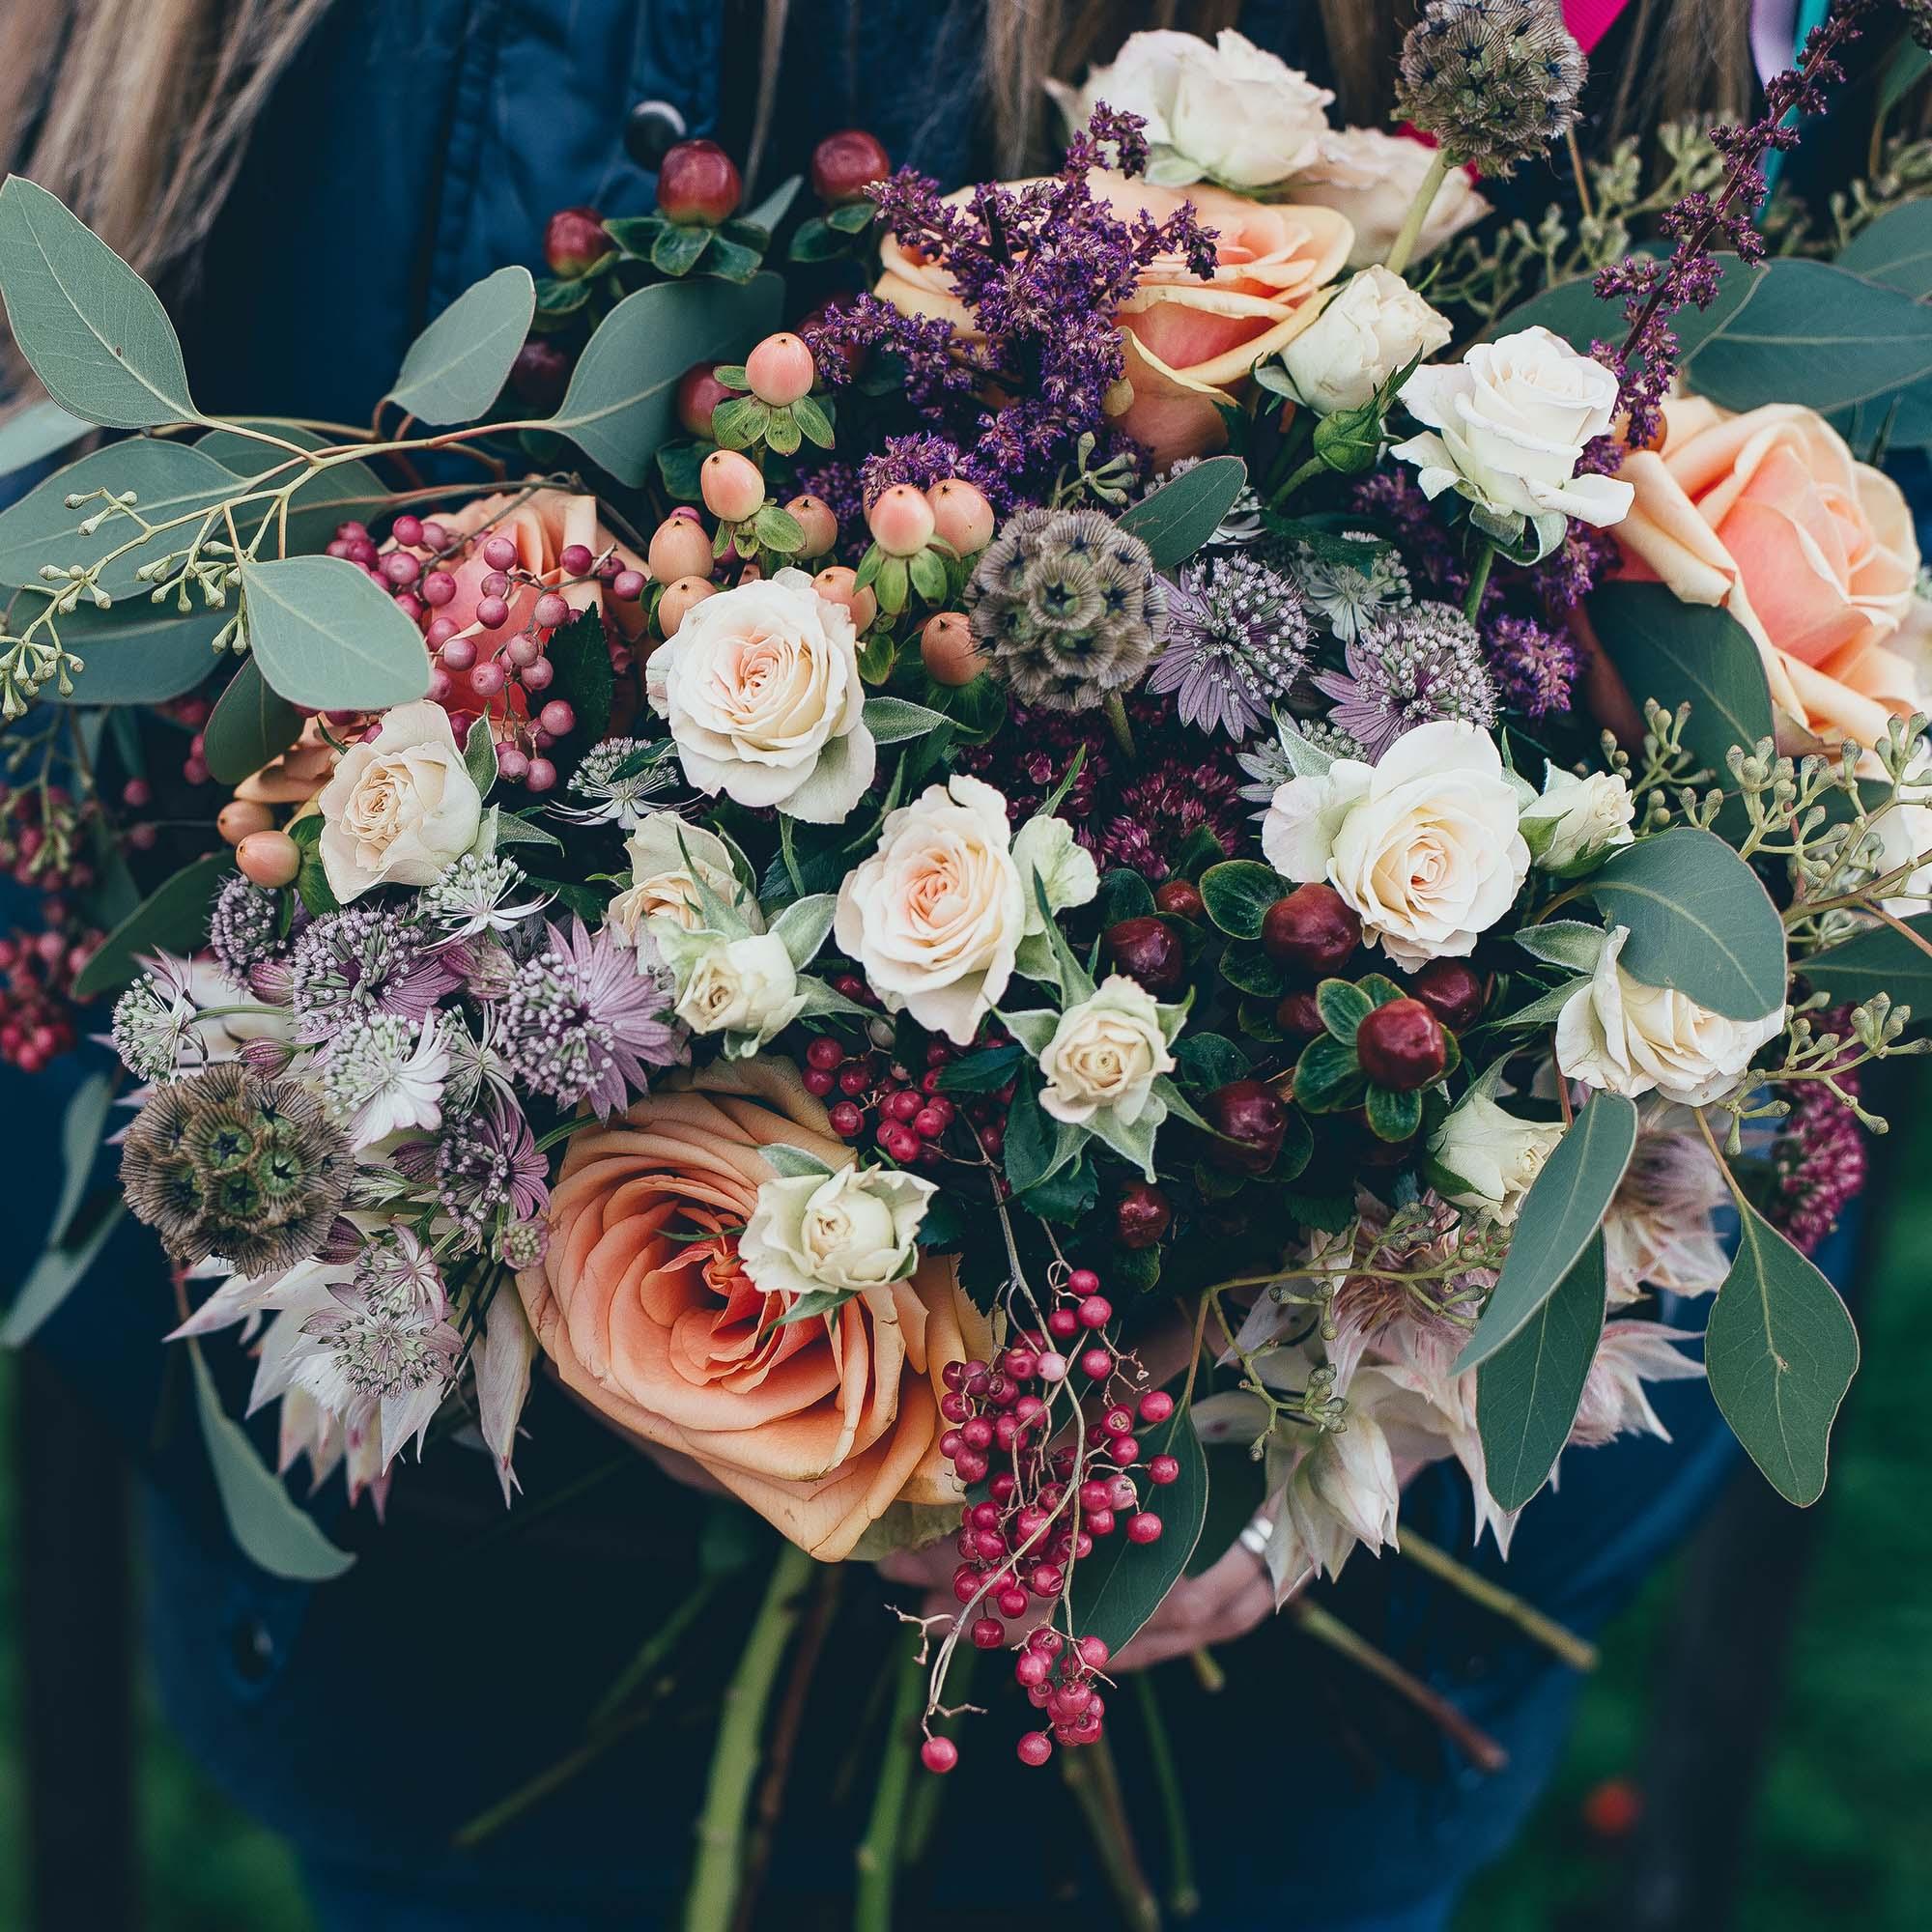 weddings-events-elopements